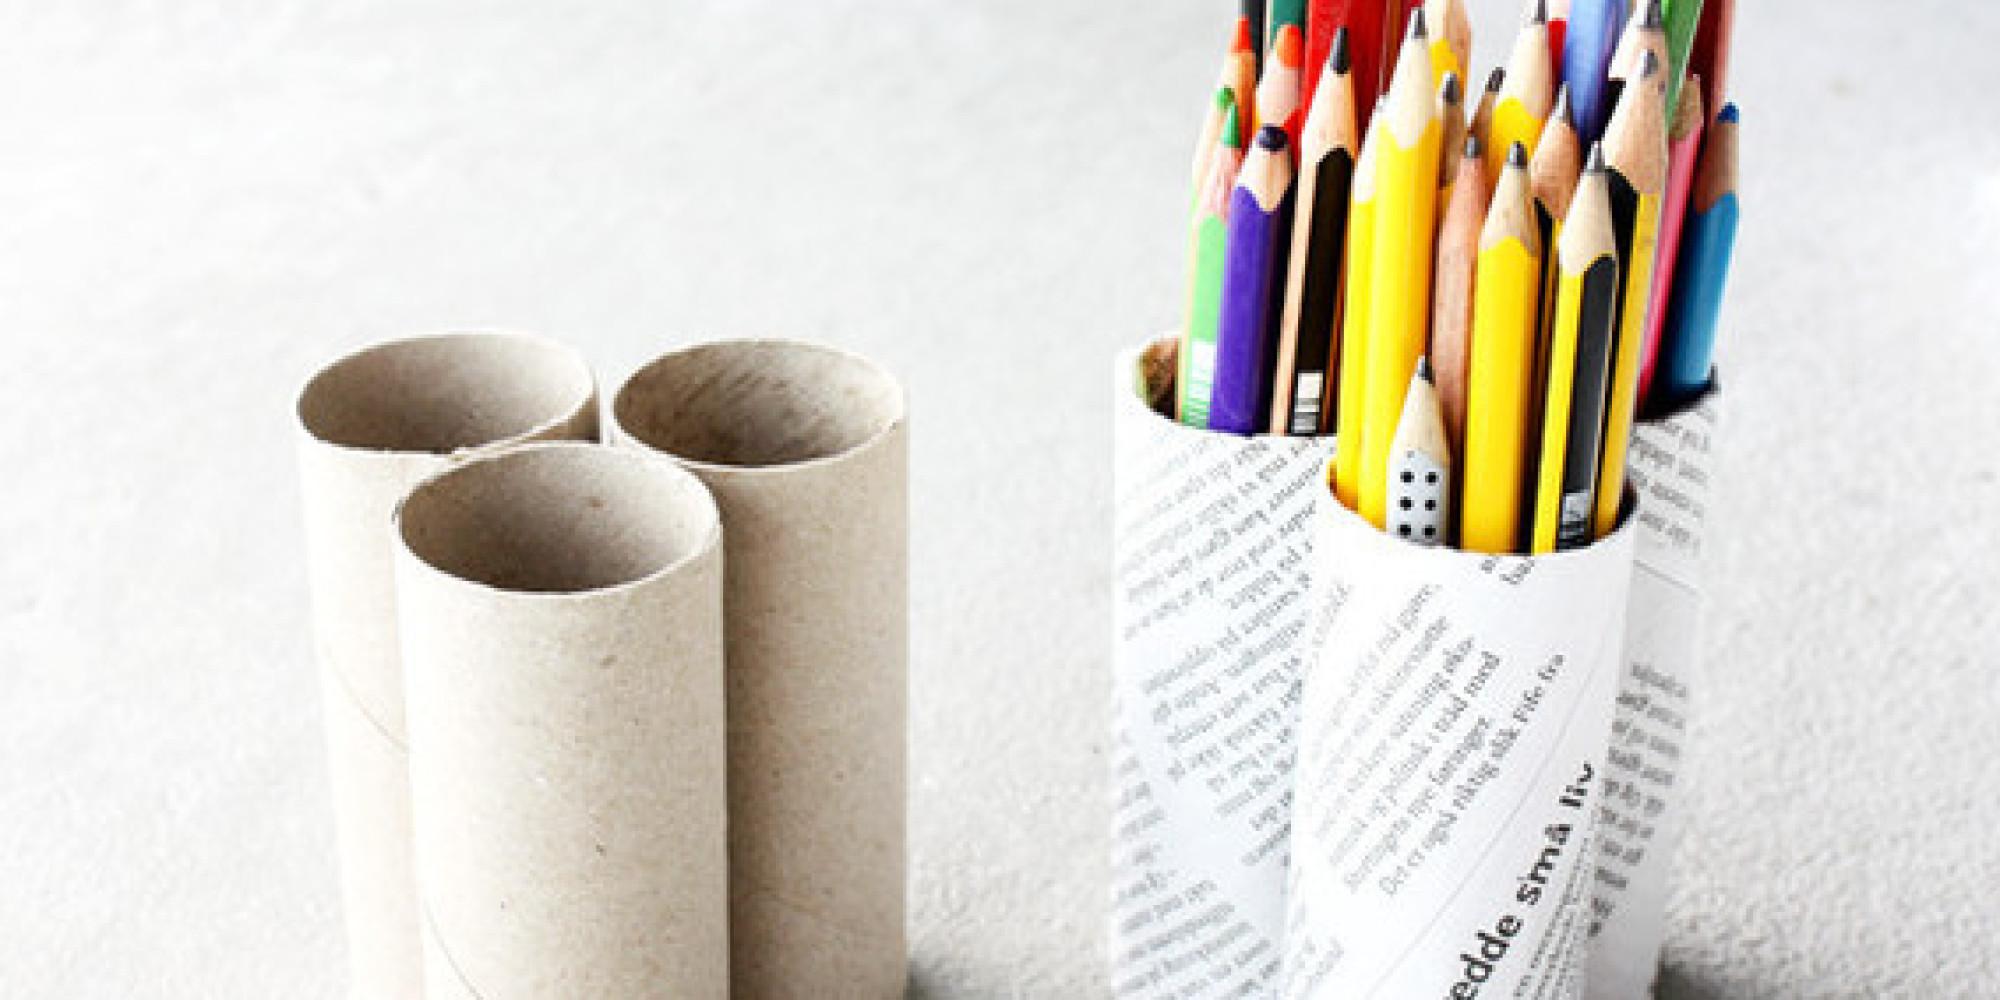 Как сделать объемный карандаш из бумаги